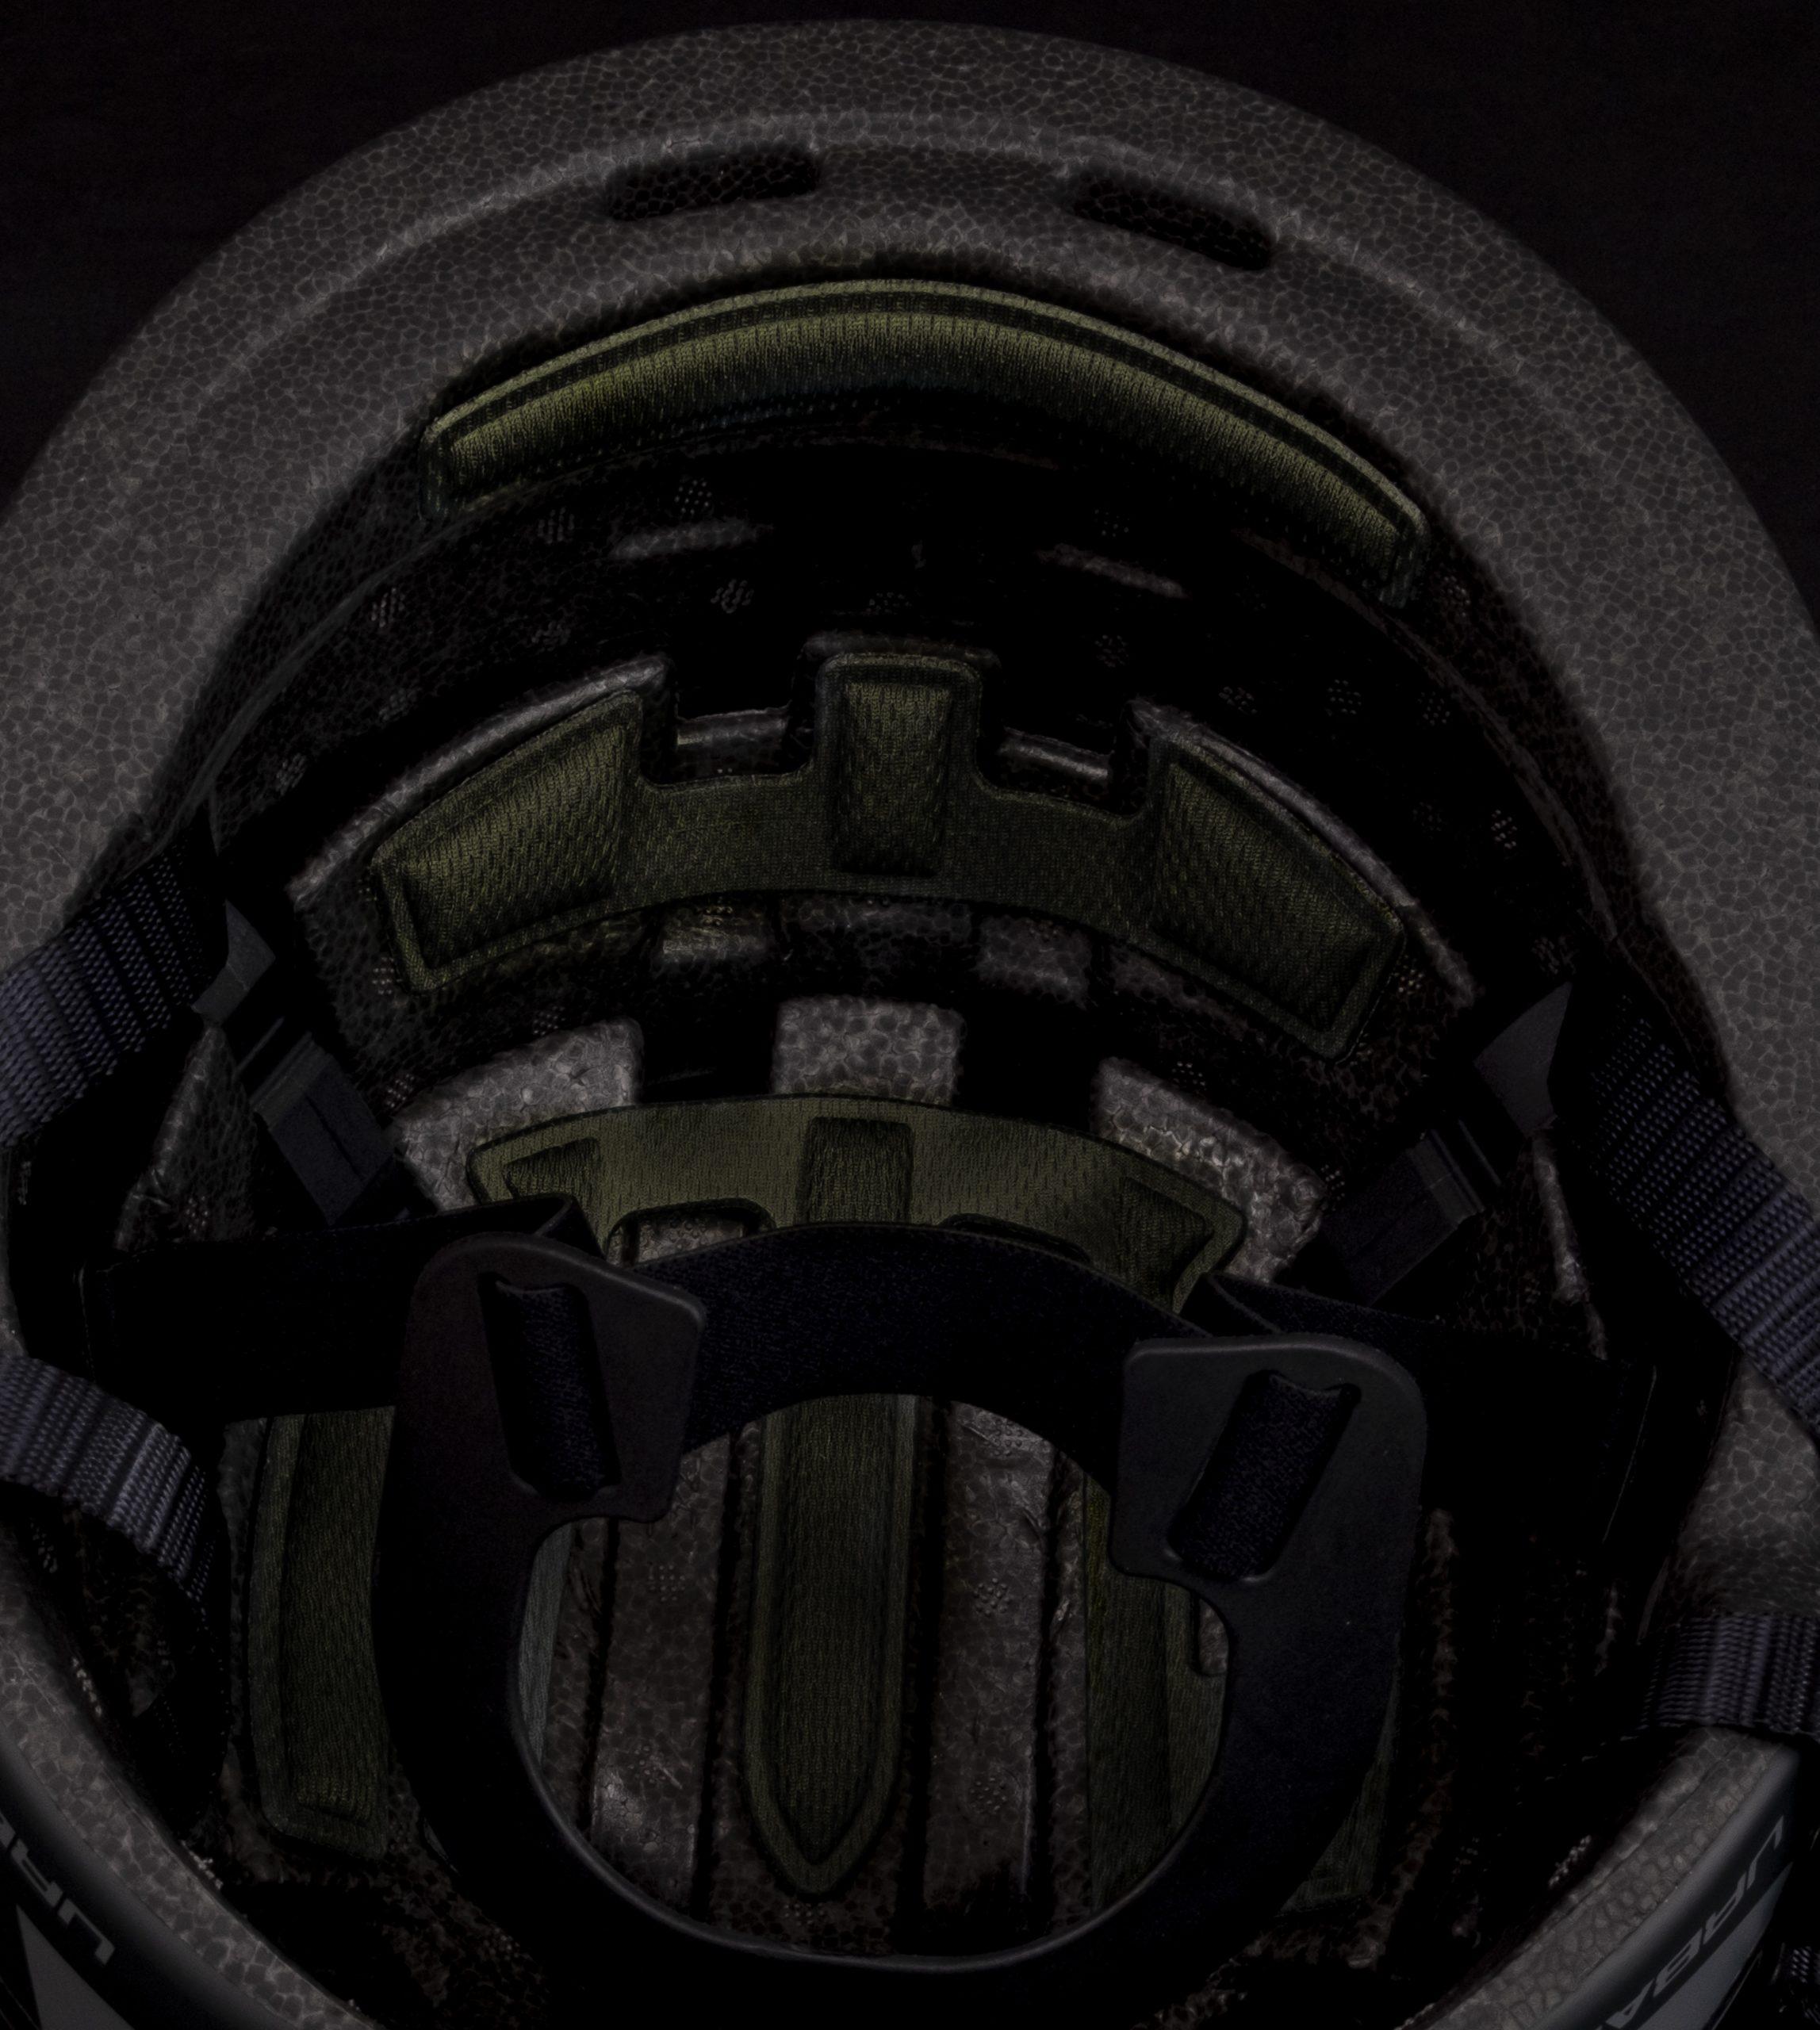 casco per monopattino